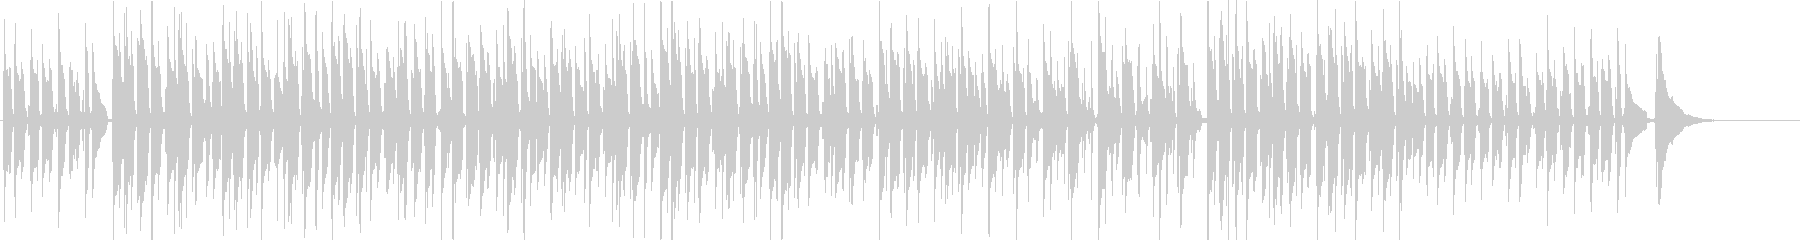 アコギ 生演奏 ラブミーテンダーの未再生の波形